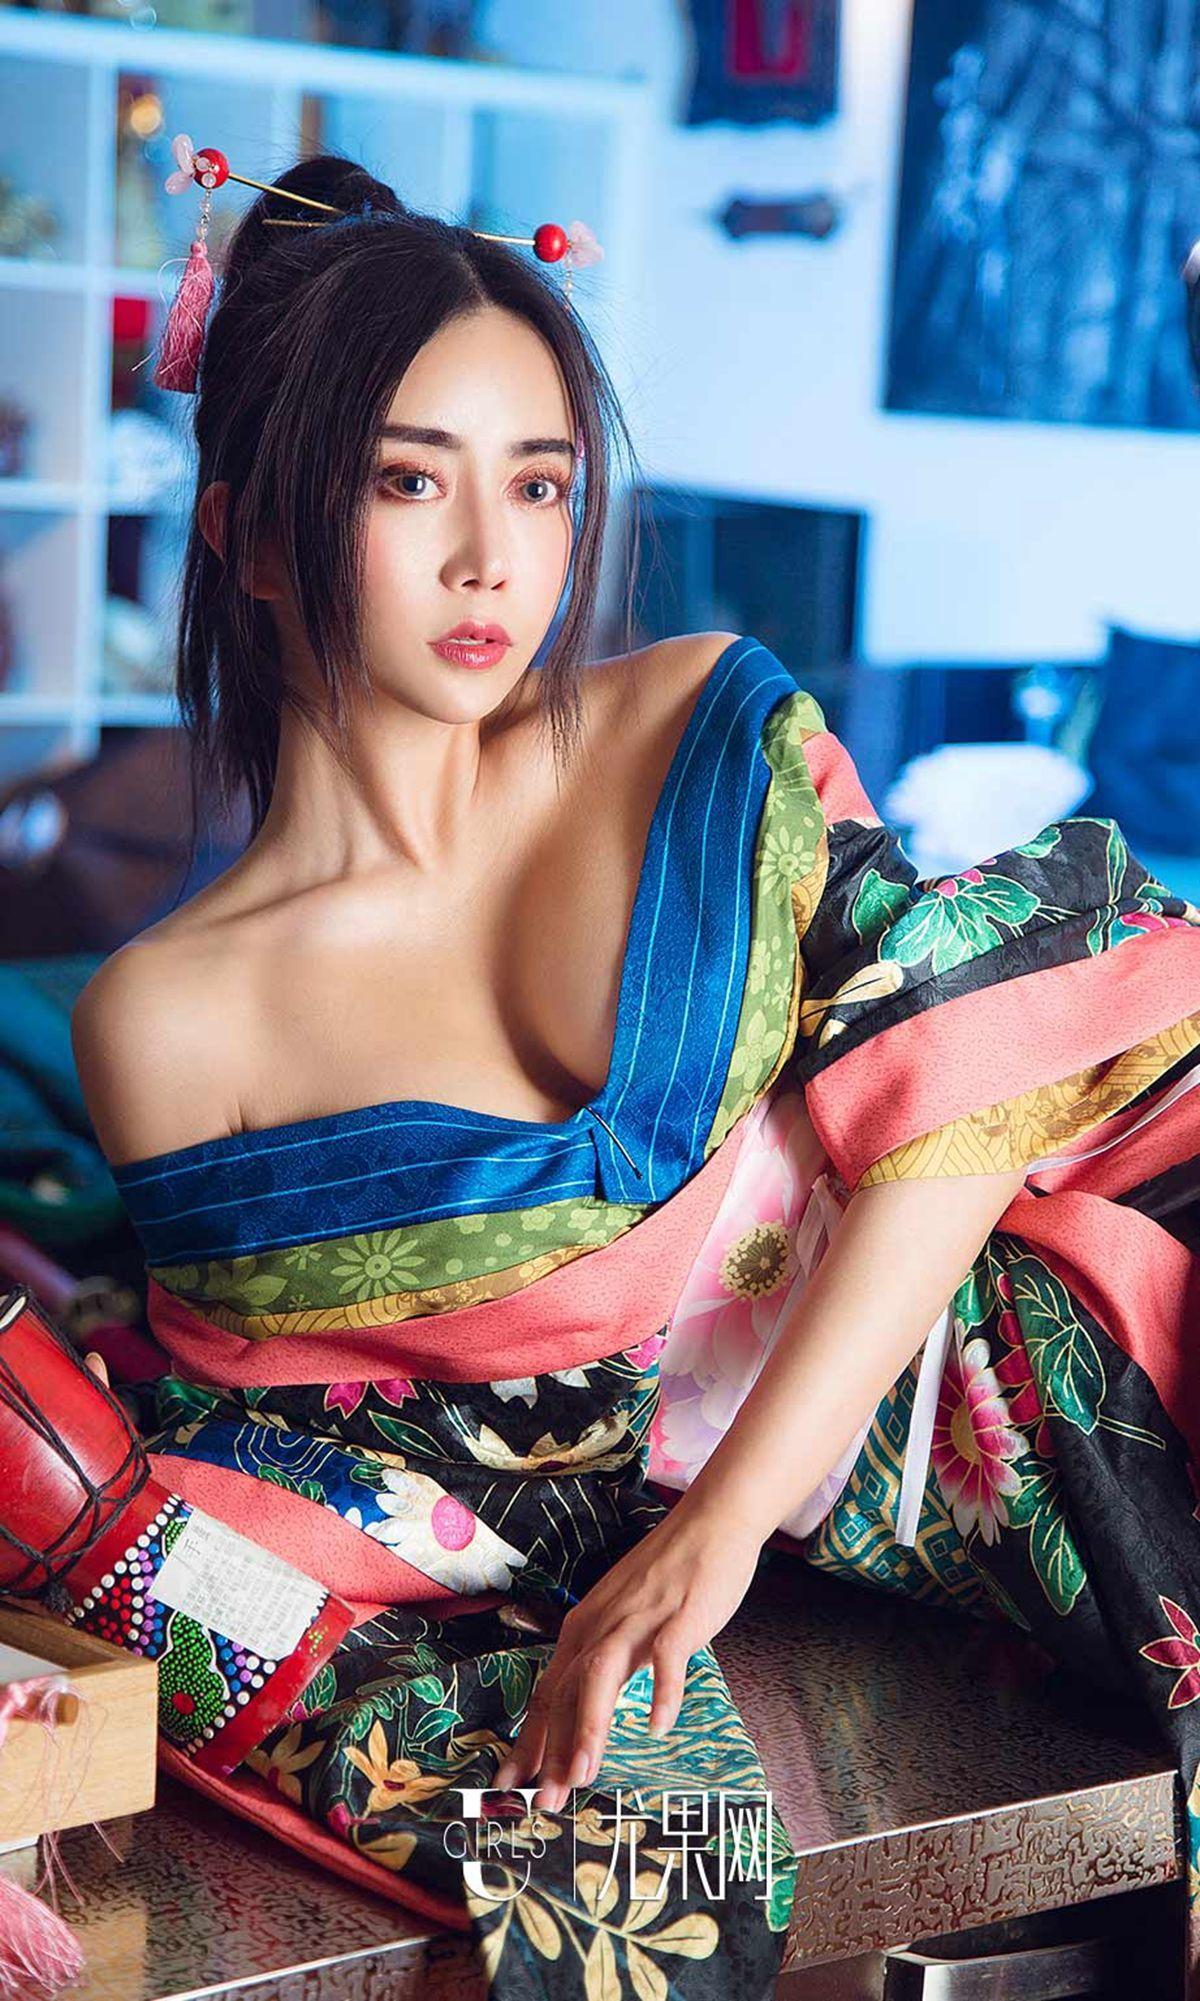 兔子&金梓琳&萱宸 - 极乐之境